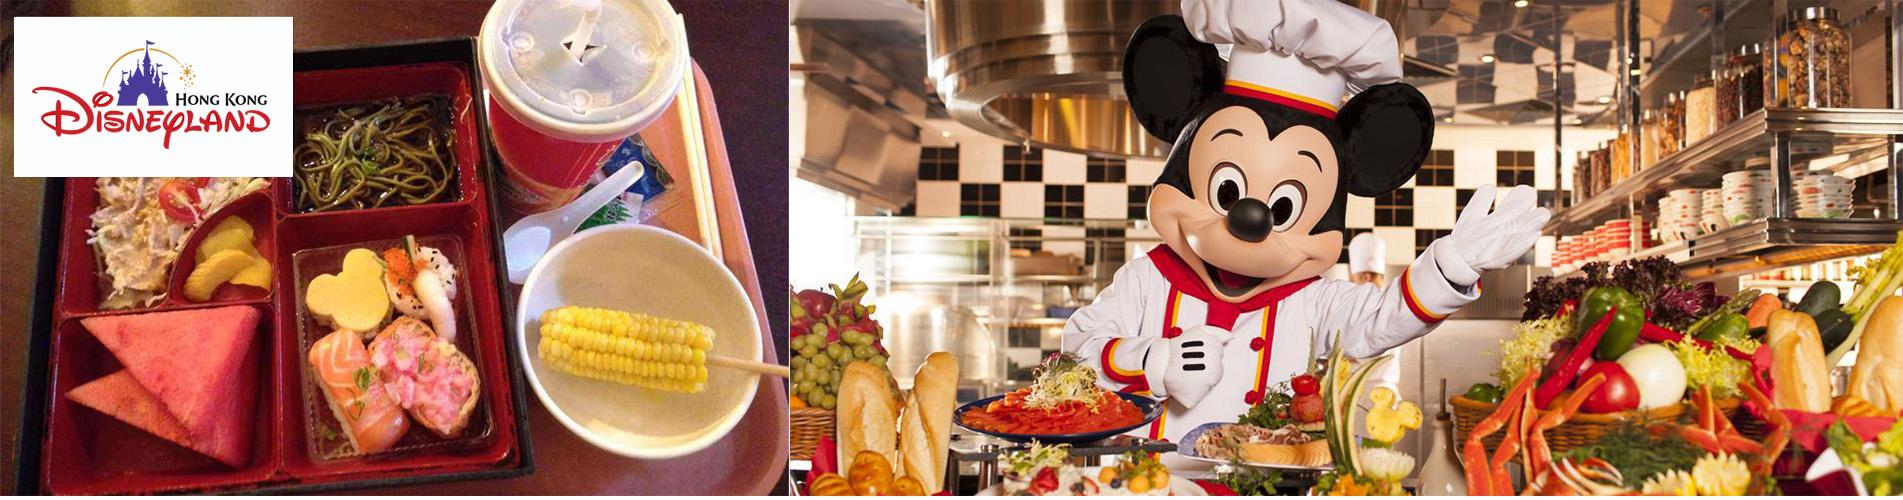 香港迪士尼樂園餐券